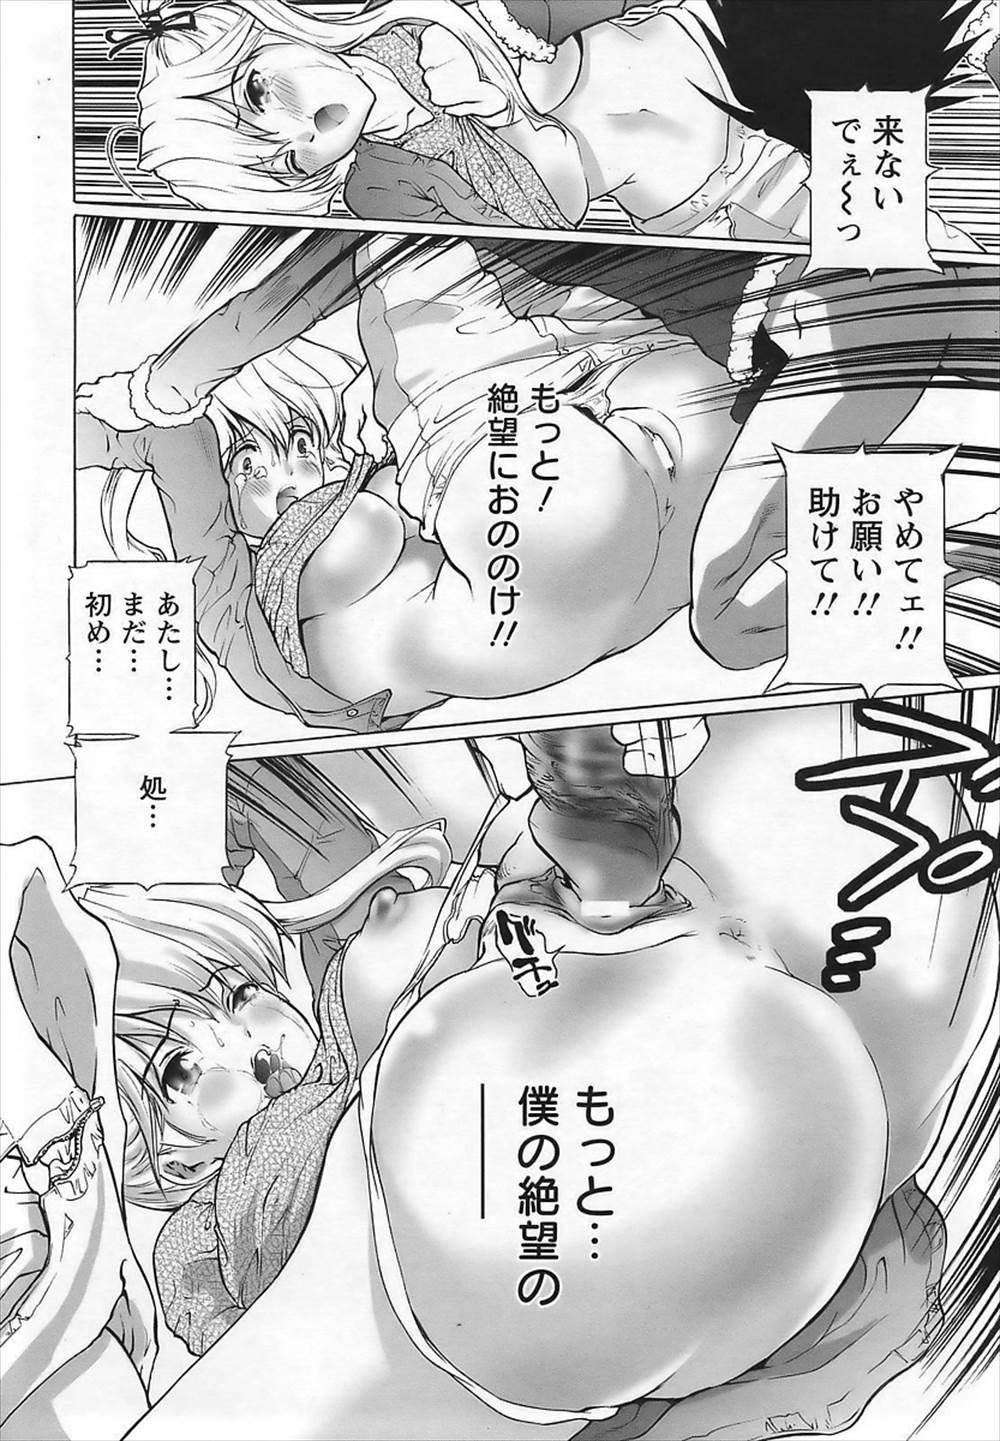 【エロ漫画】雪山で遭難した男女…いじめっ子の女に襲いかかり陵辱レイプしてしまうww